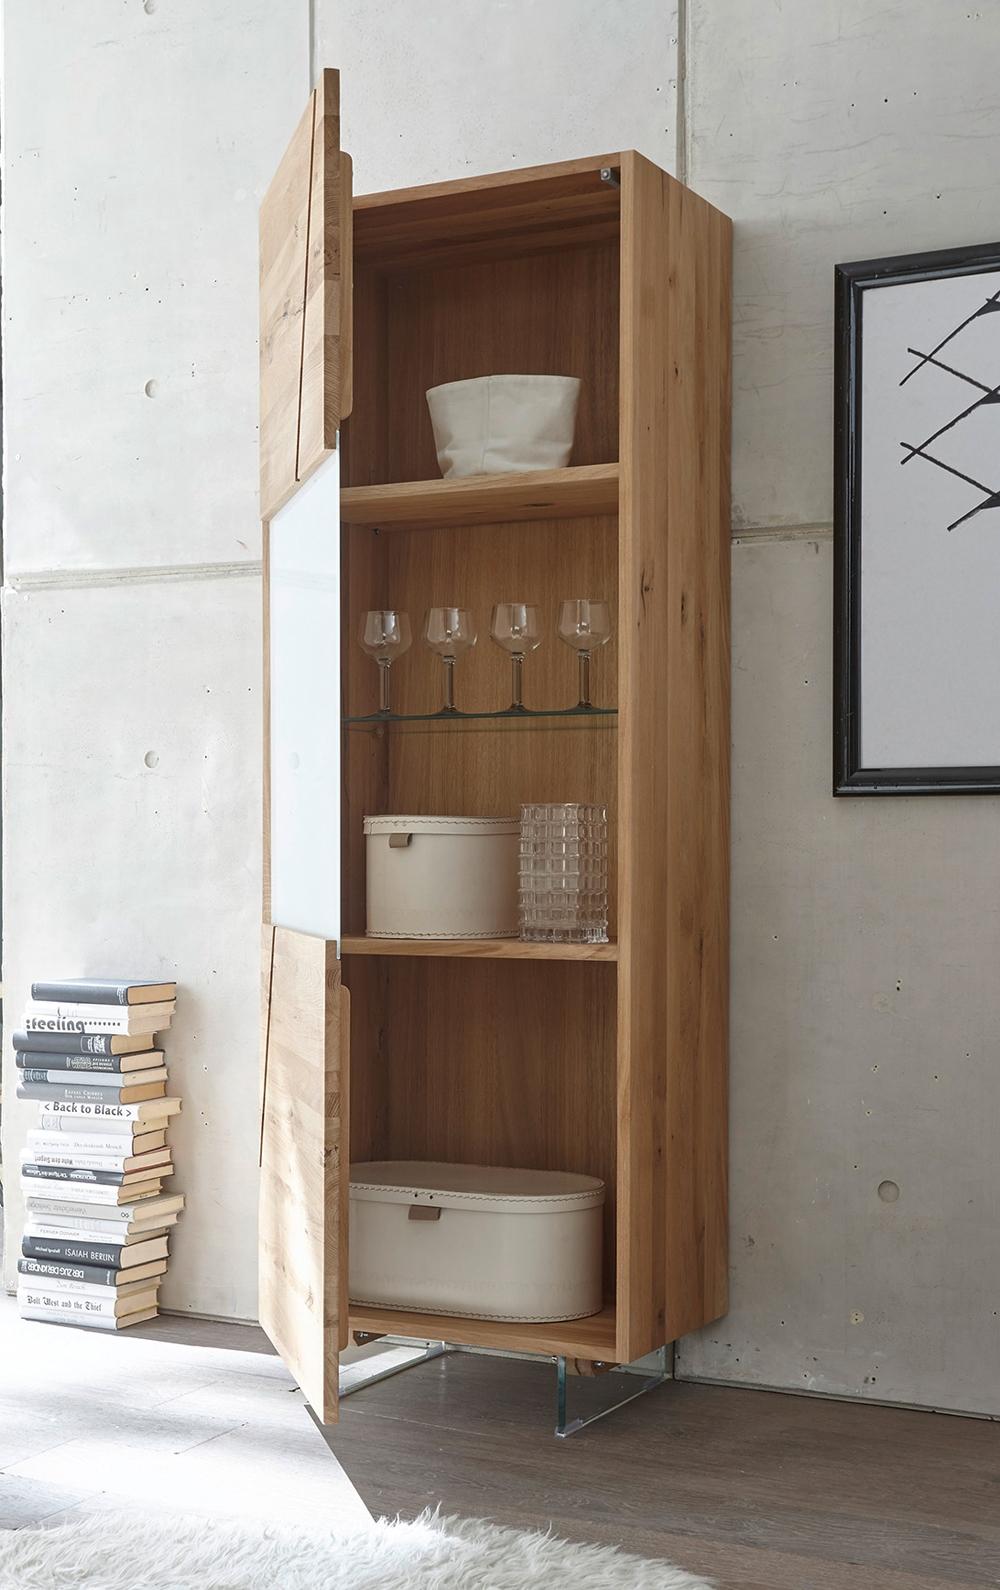 Madia moderna cucina soggiorno legno rovere scontata -46 ...